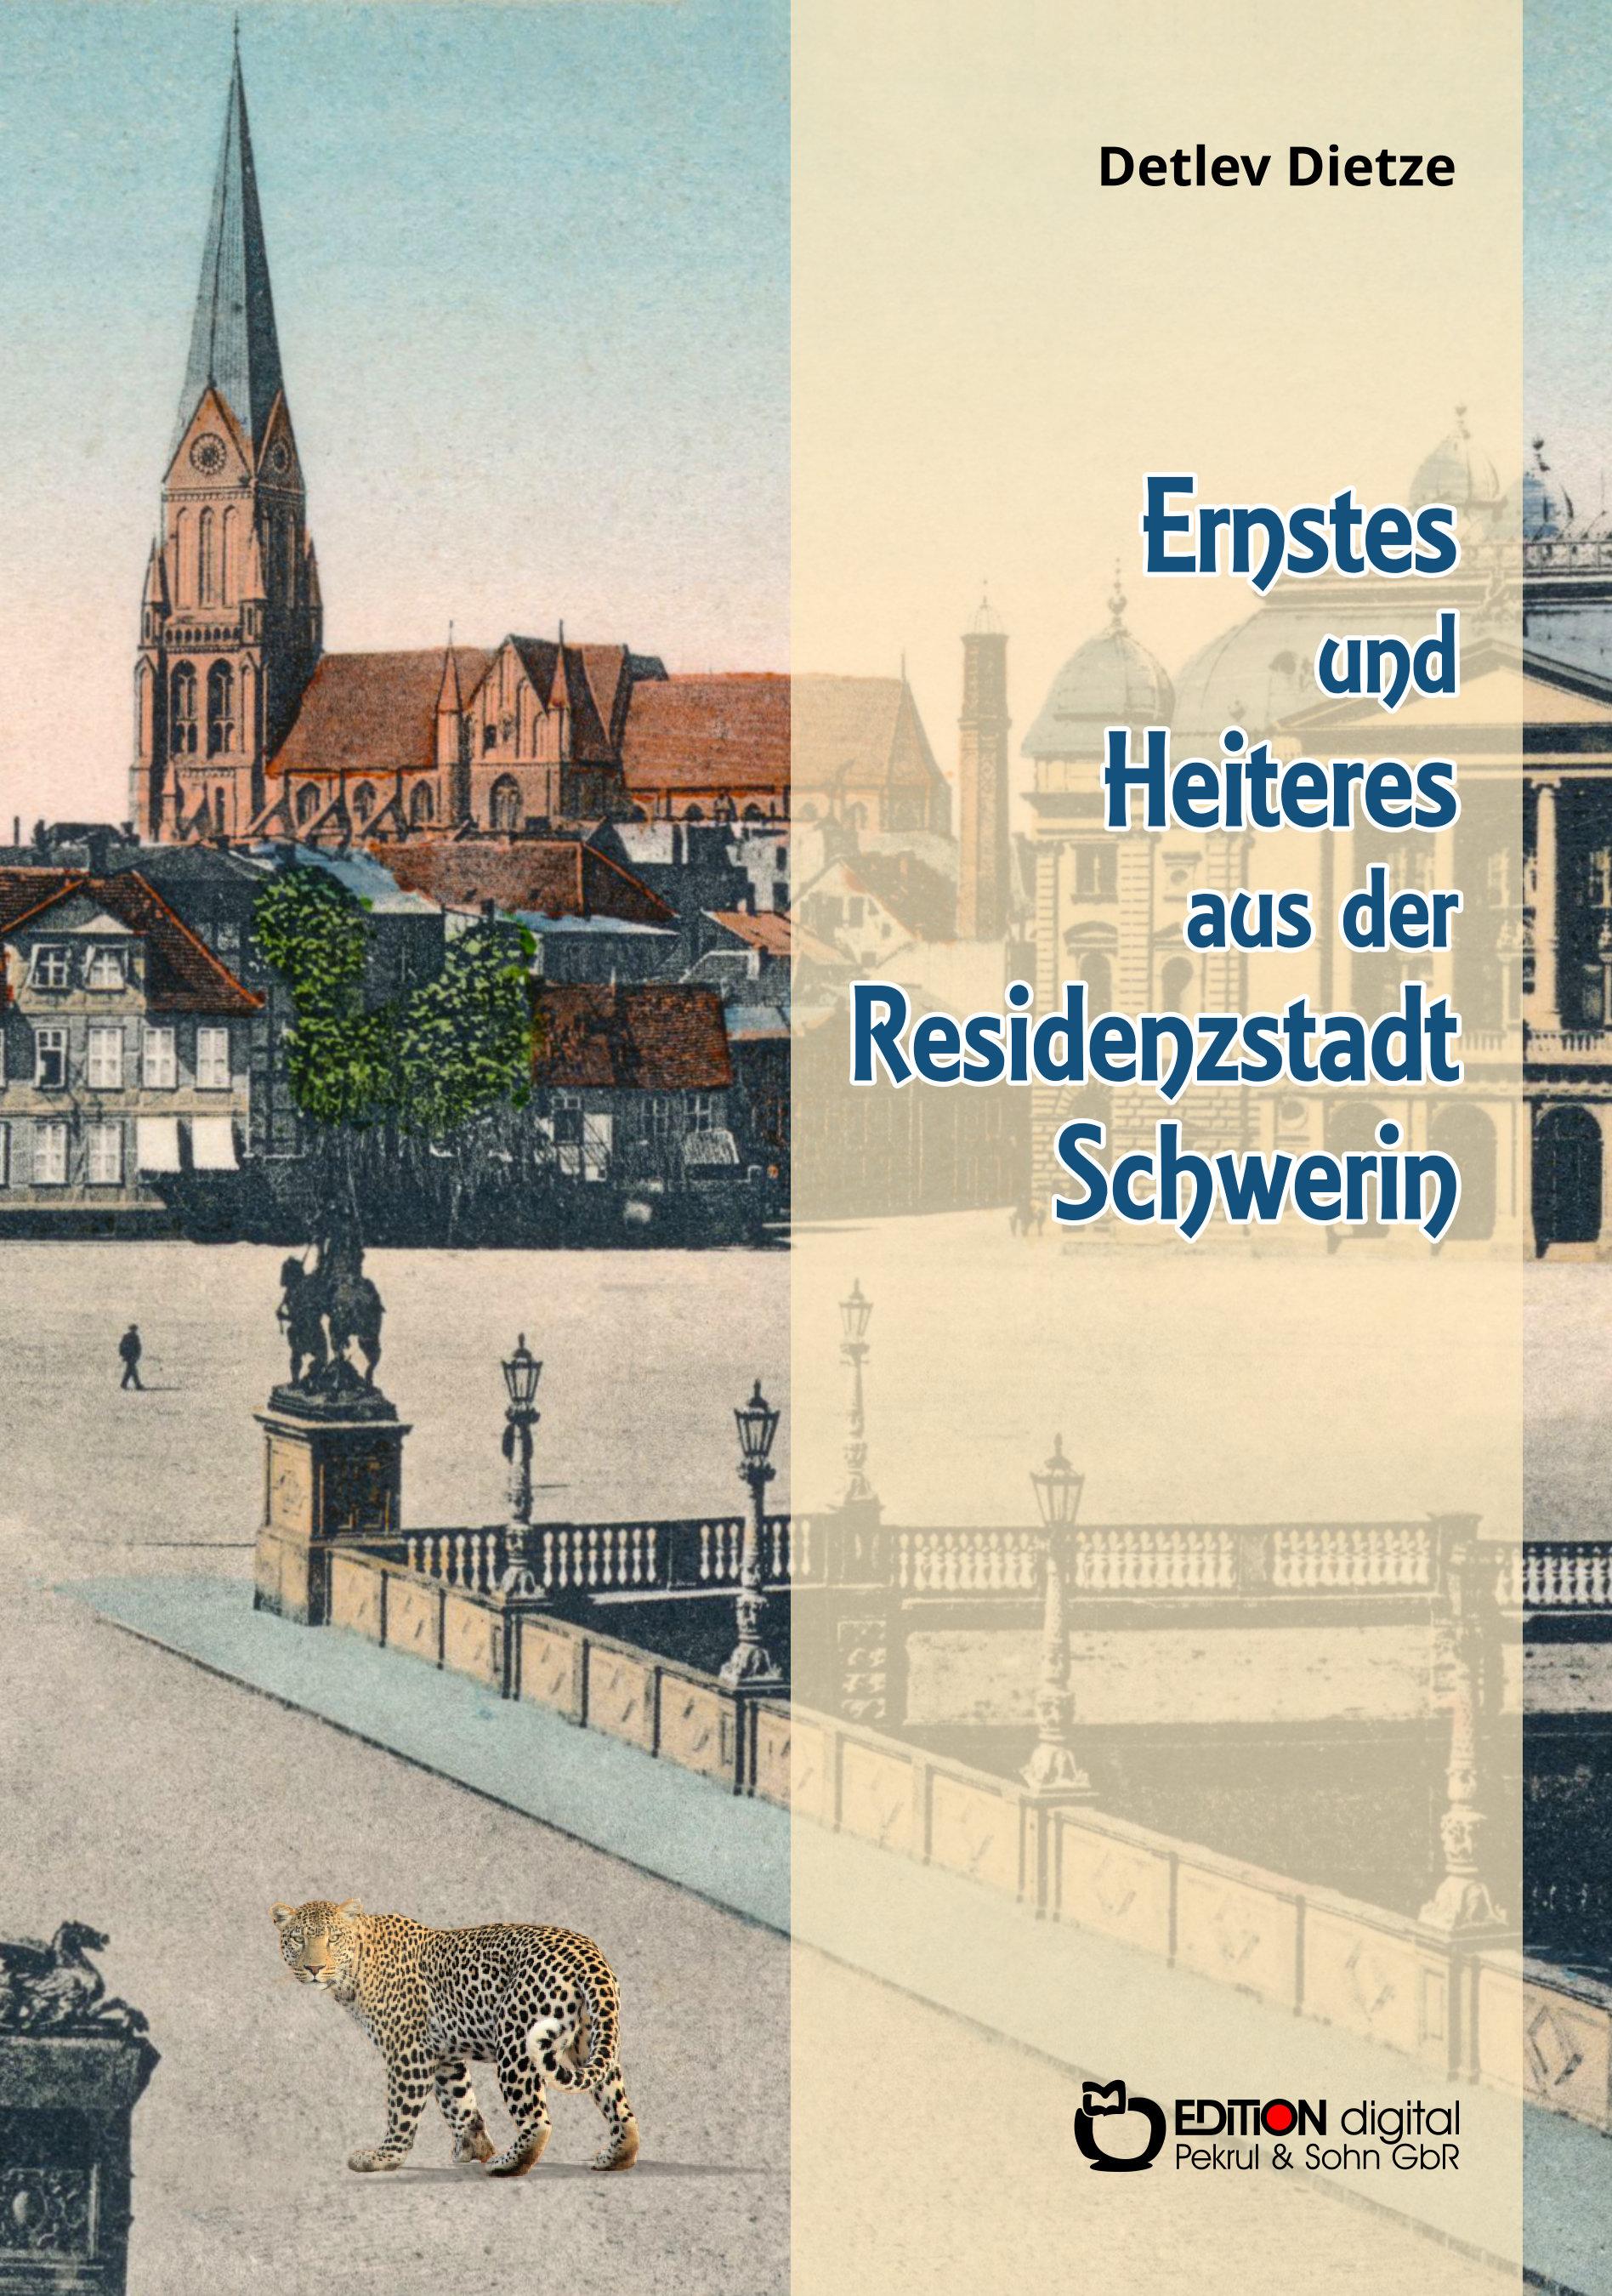 Ernstes und Heiteres aus der Residenzstadt Schwerin von Detlev Dietze